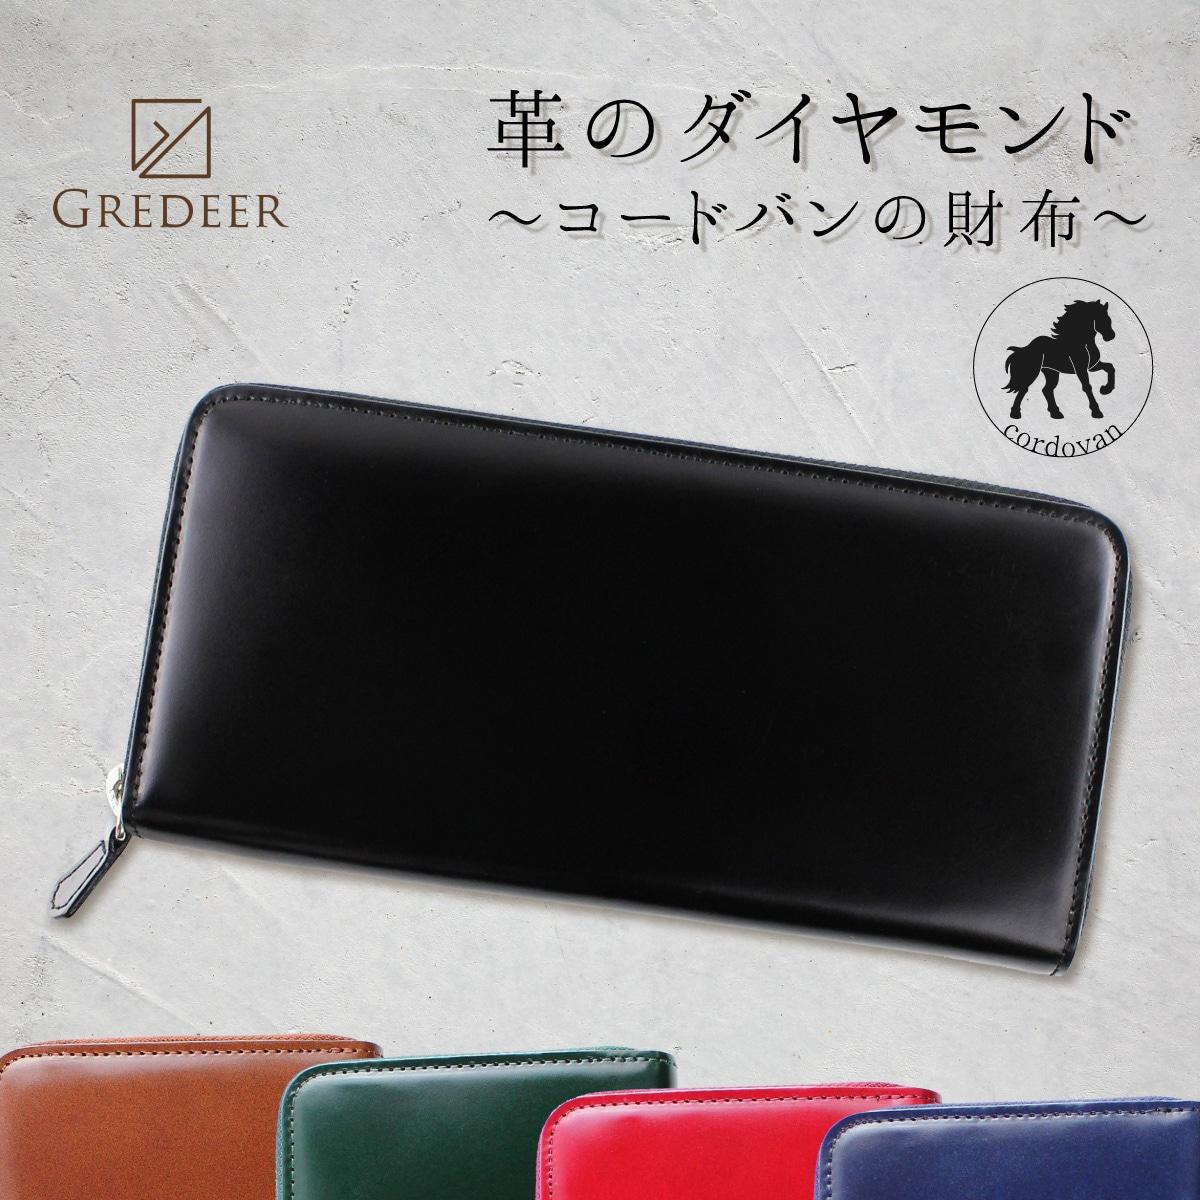 馬革(コードバン)のプレミアム財布 GREDEER コードバン ラウンドファスナー長財布 【カラー:ブラック】 開運グッズ